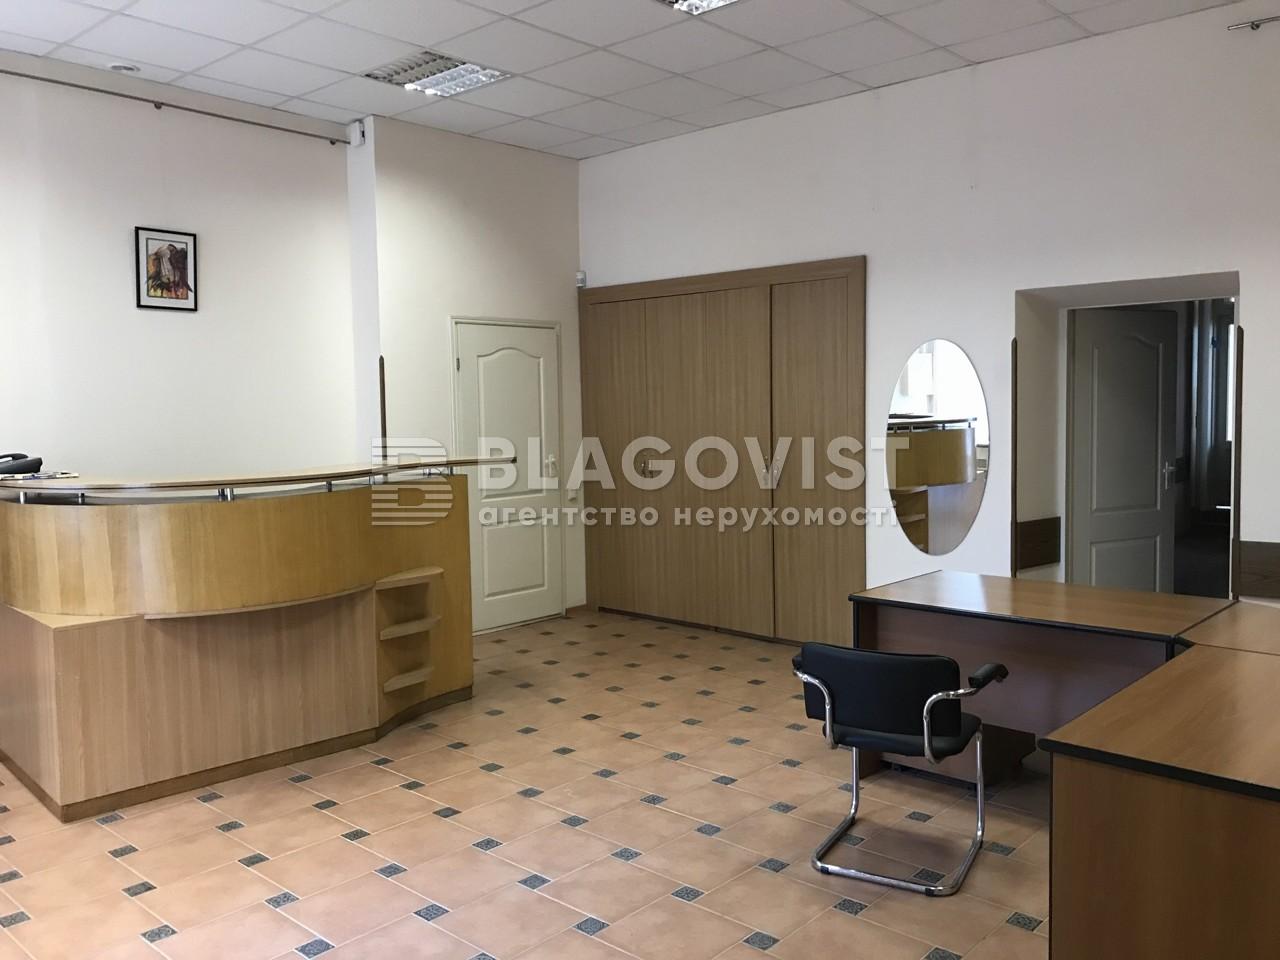 Нежилое помещение, F-9505, Большая Житомирская, Киев - Фото 1